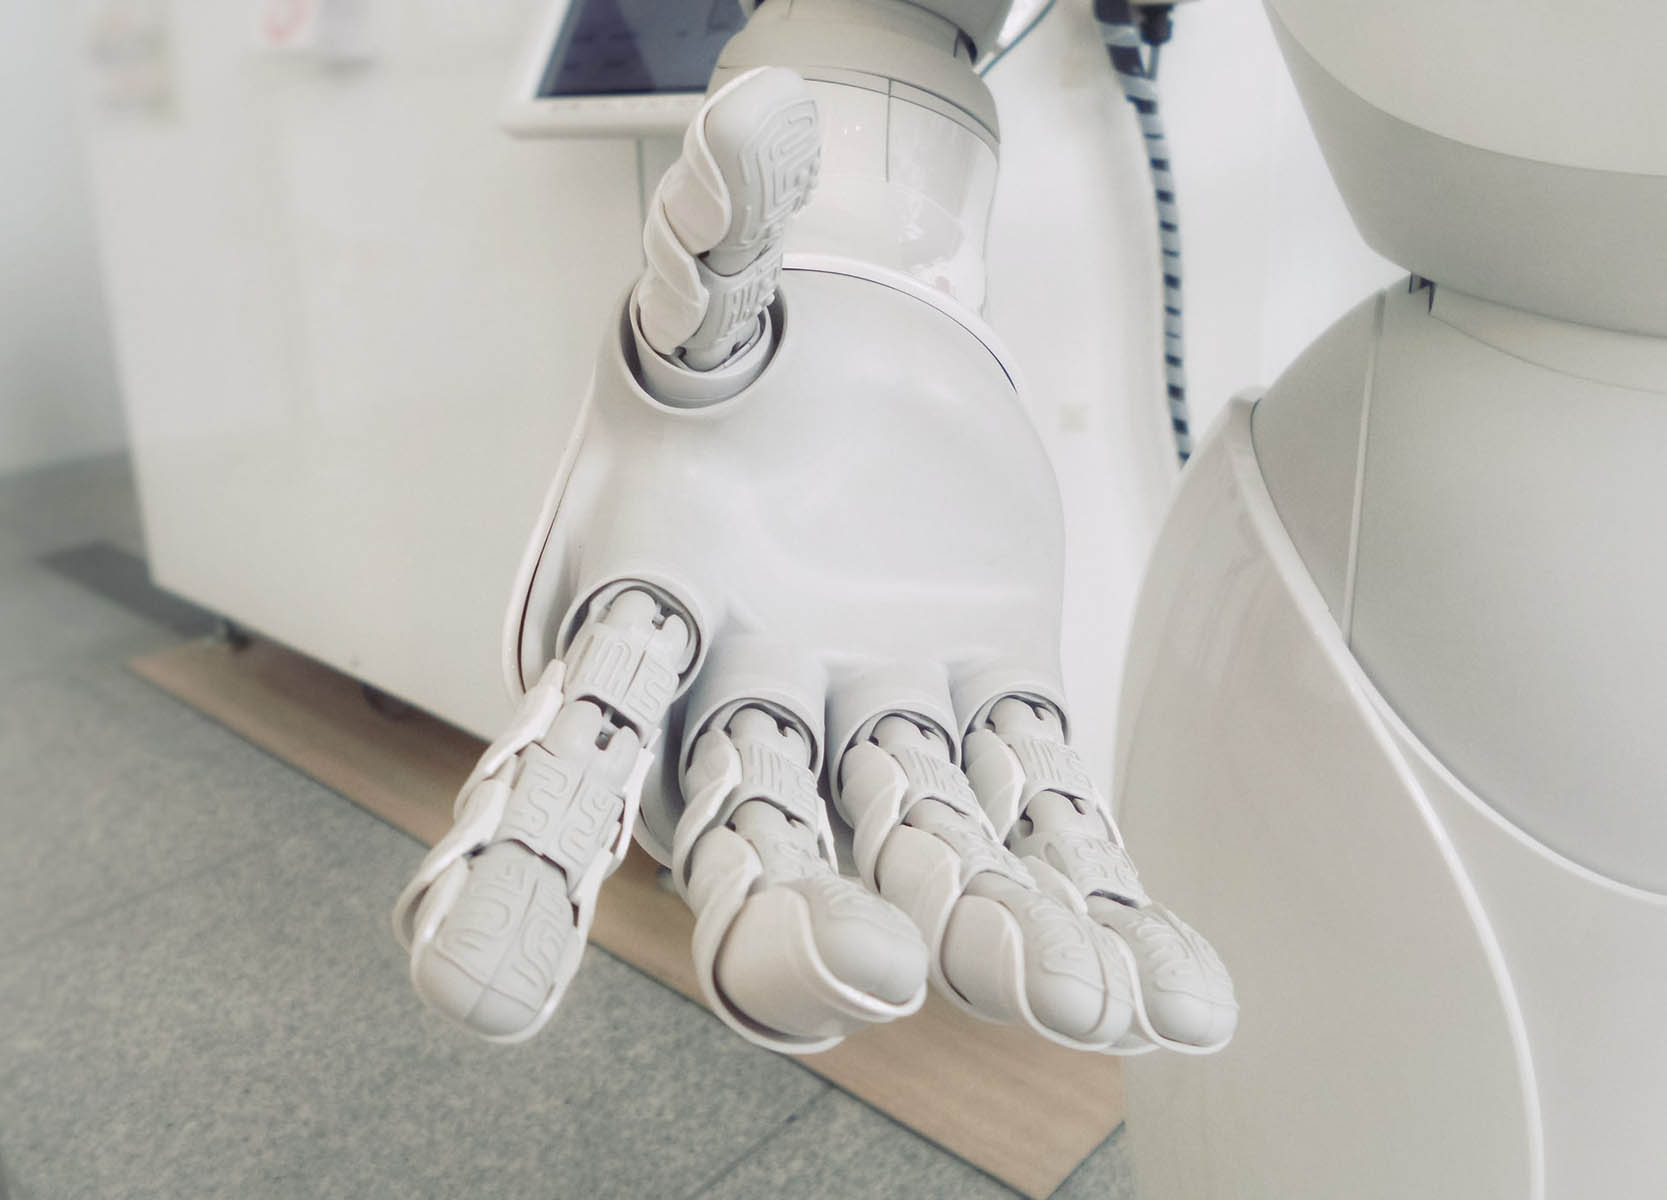 csw software per automazione industriale plc firmware 0